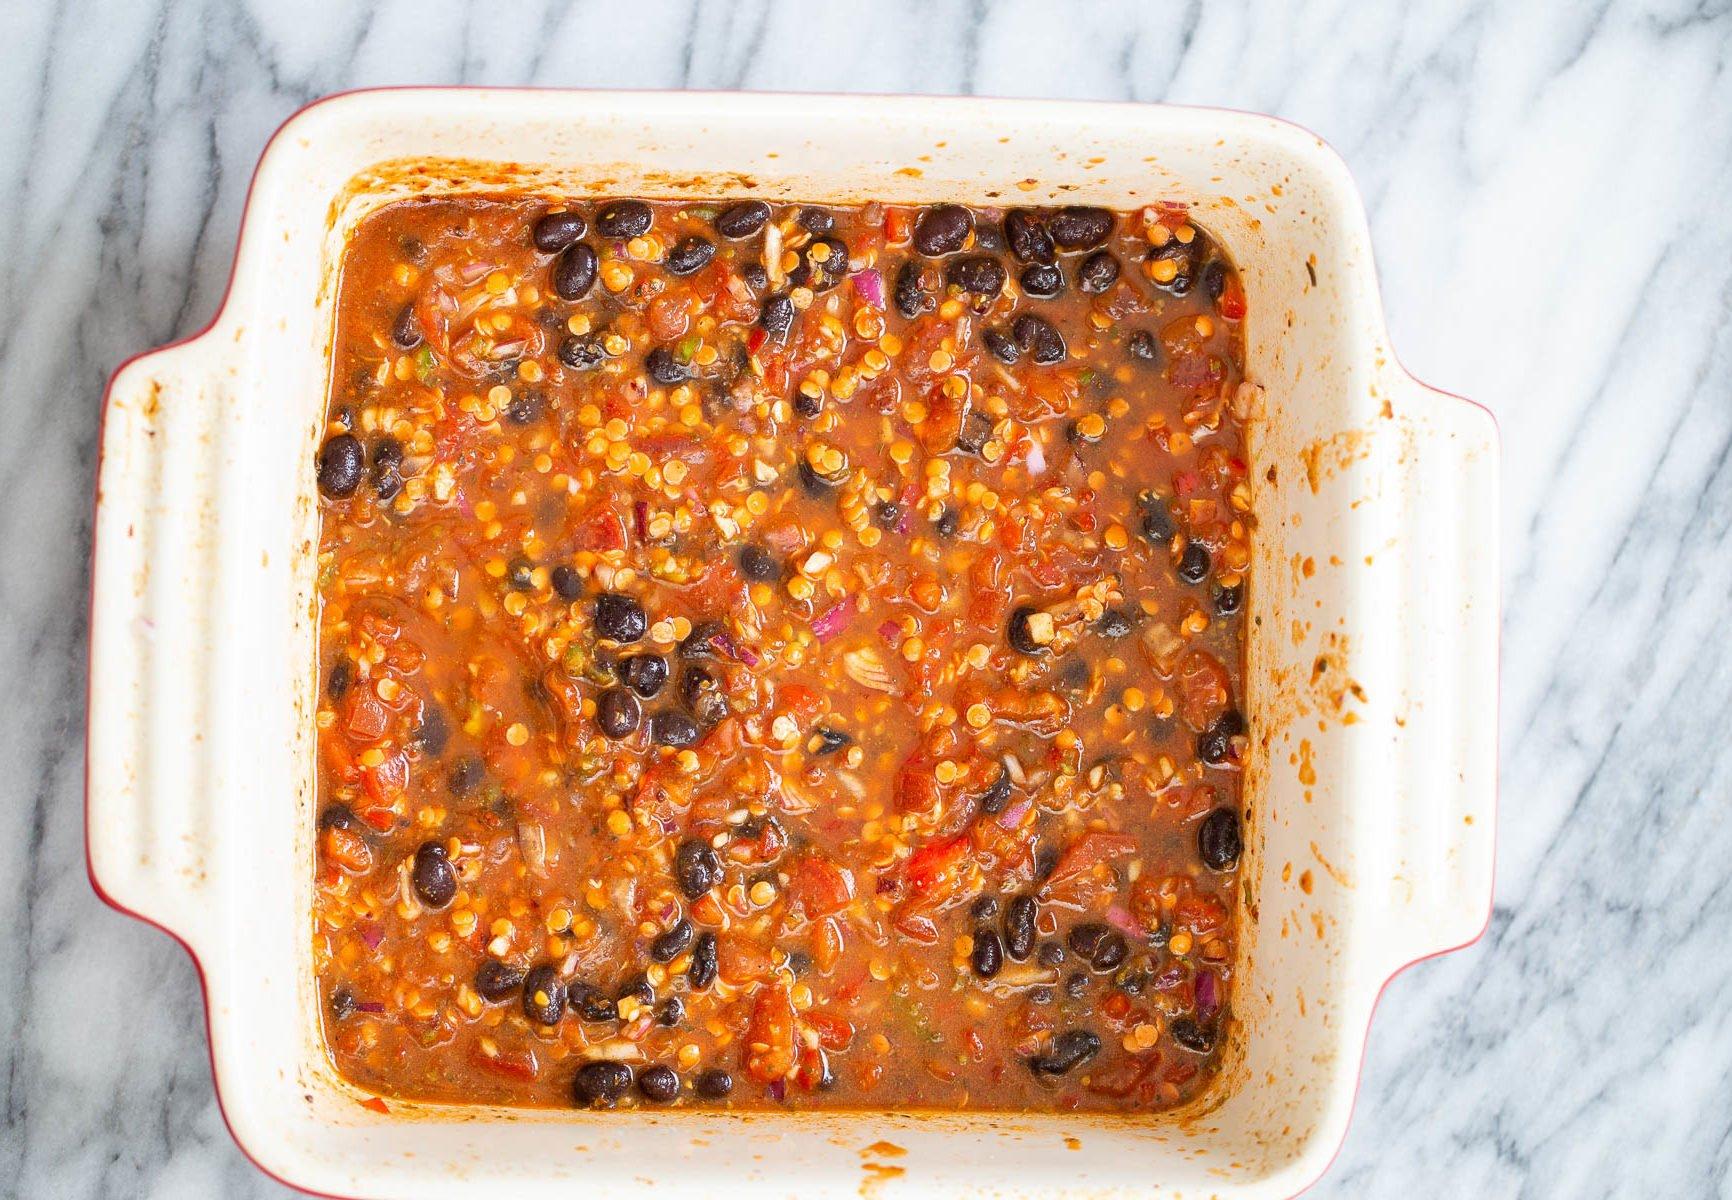 chili mix in white casserole dish for cornbread casserole